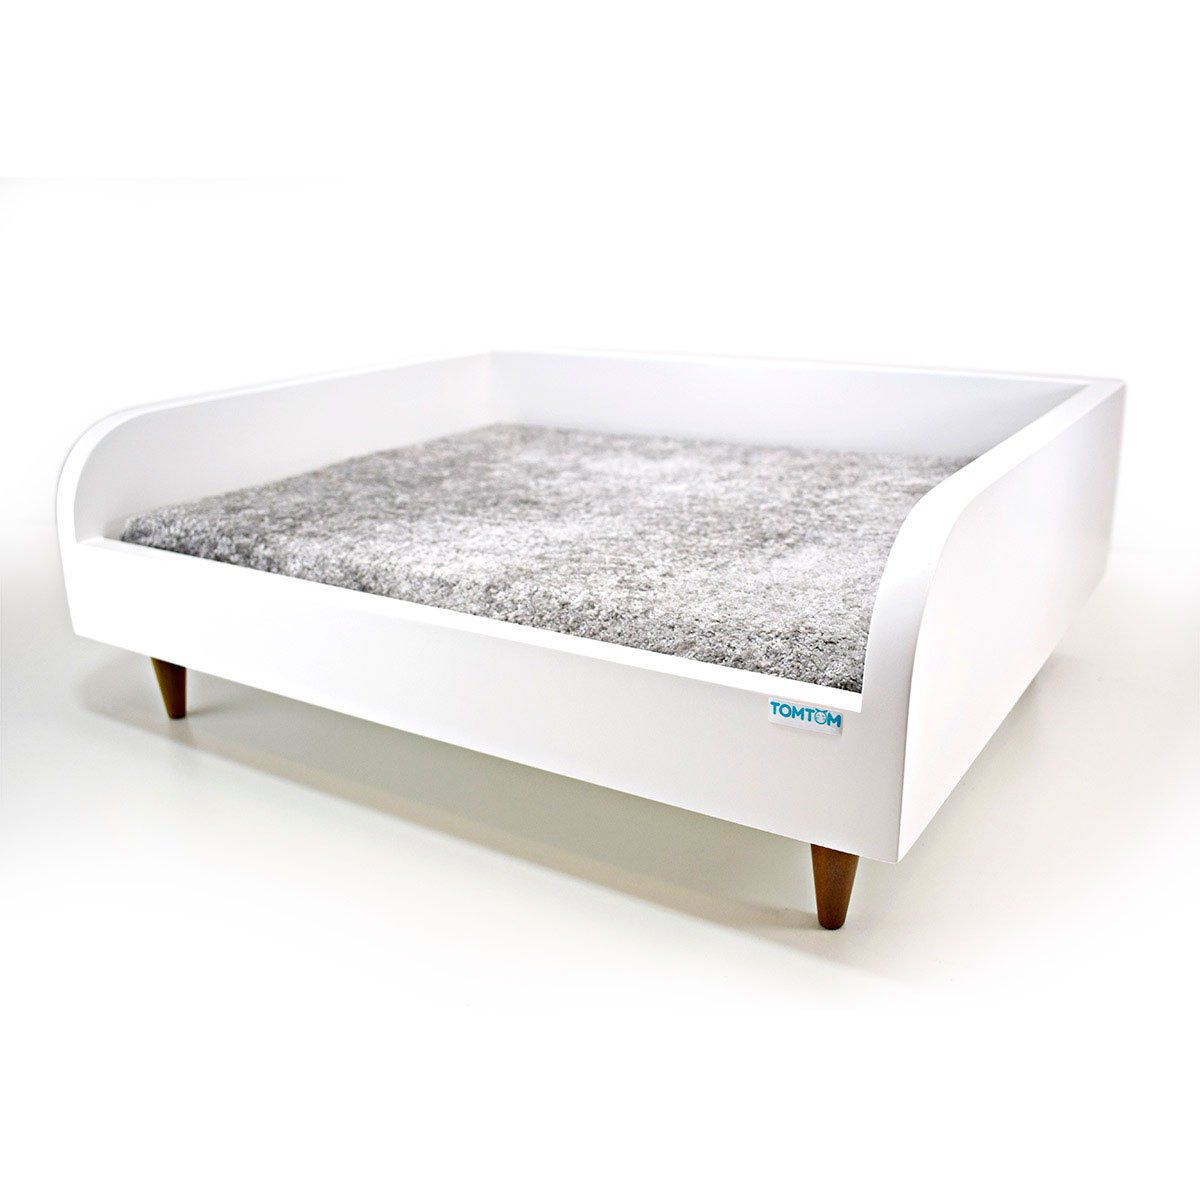 Sofá para Cachorro Tomtom Branco com Almofada Cinza - P